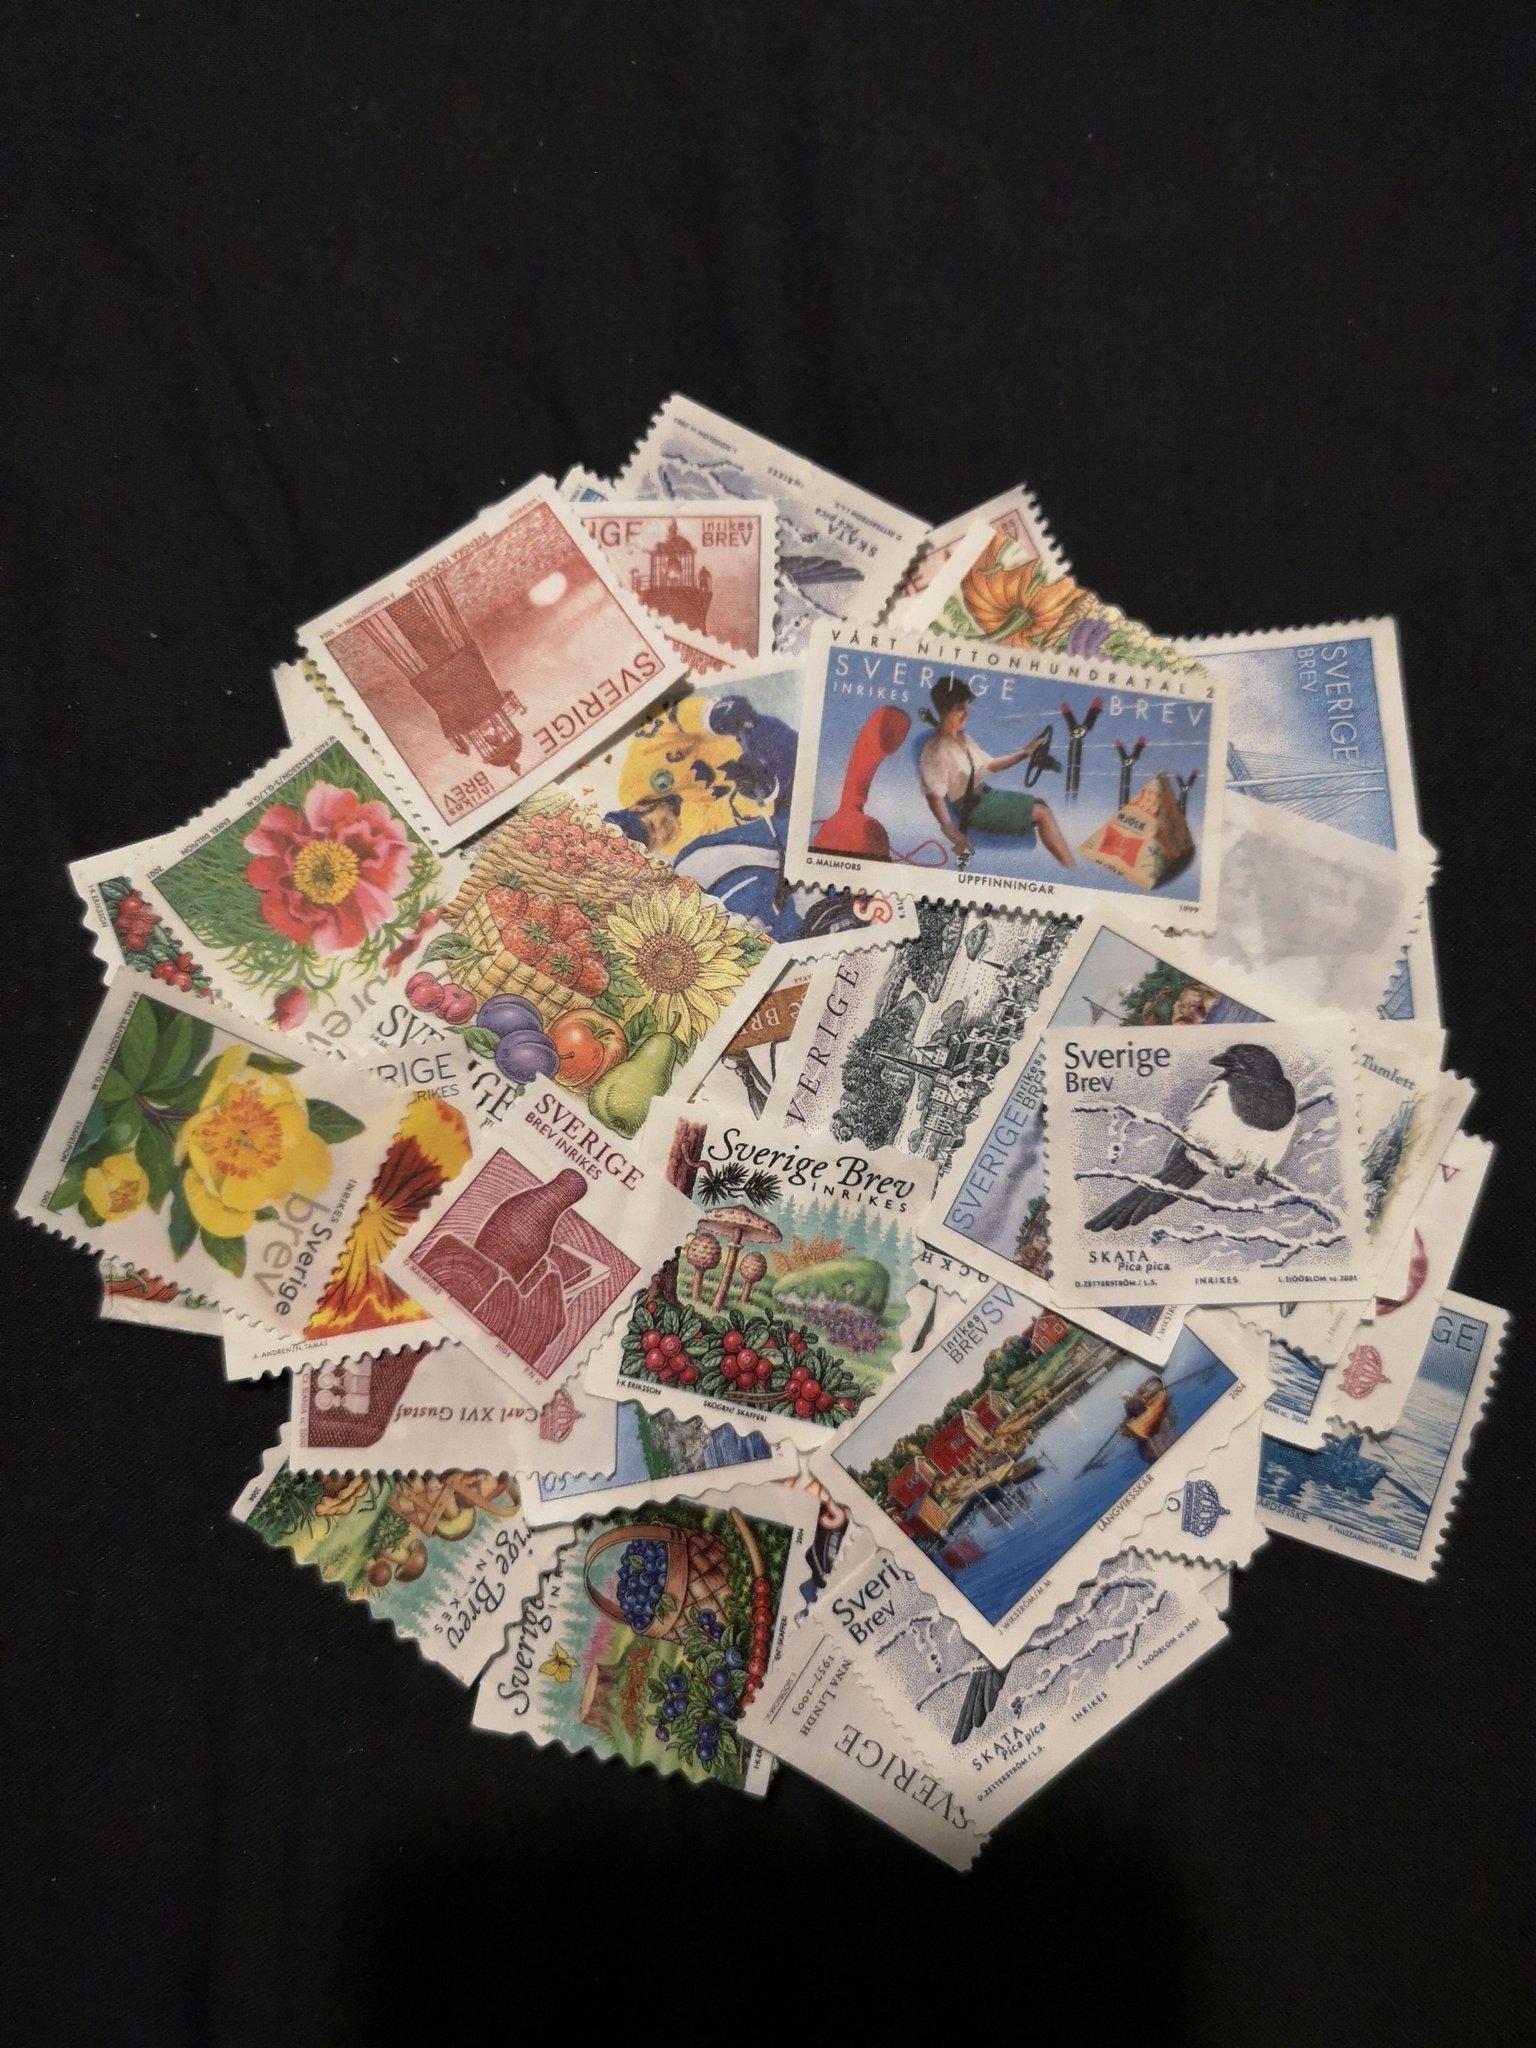 Valörlösa frimärken fyndpris ug (471106189) köp på tradera